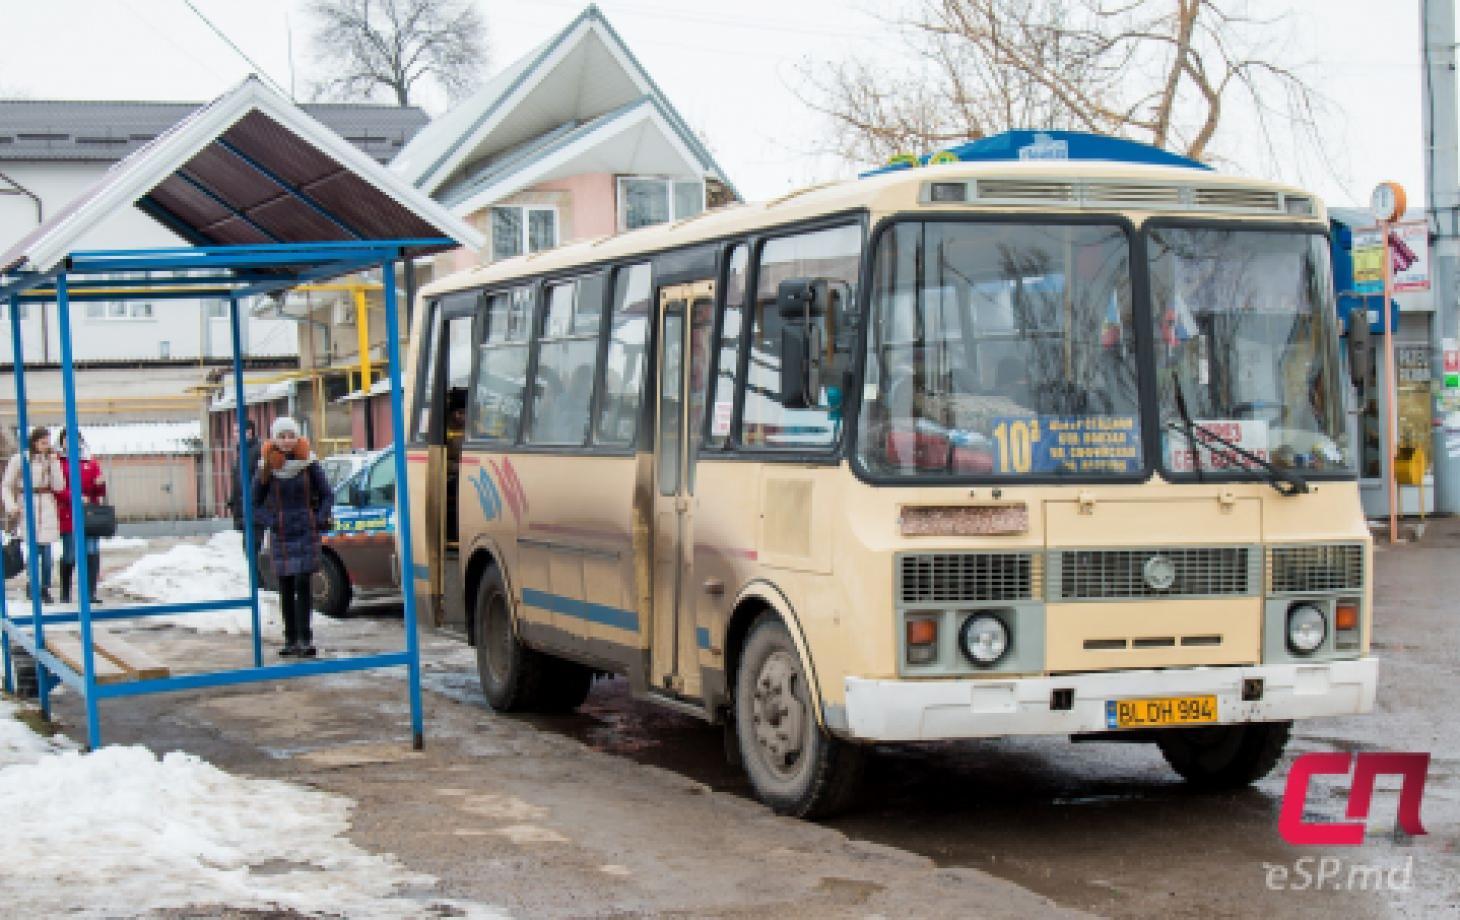 Автобус №10 на остановке в Бельцах